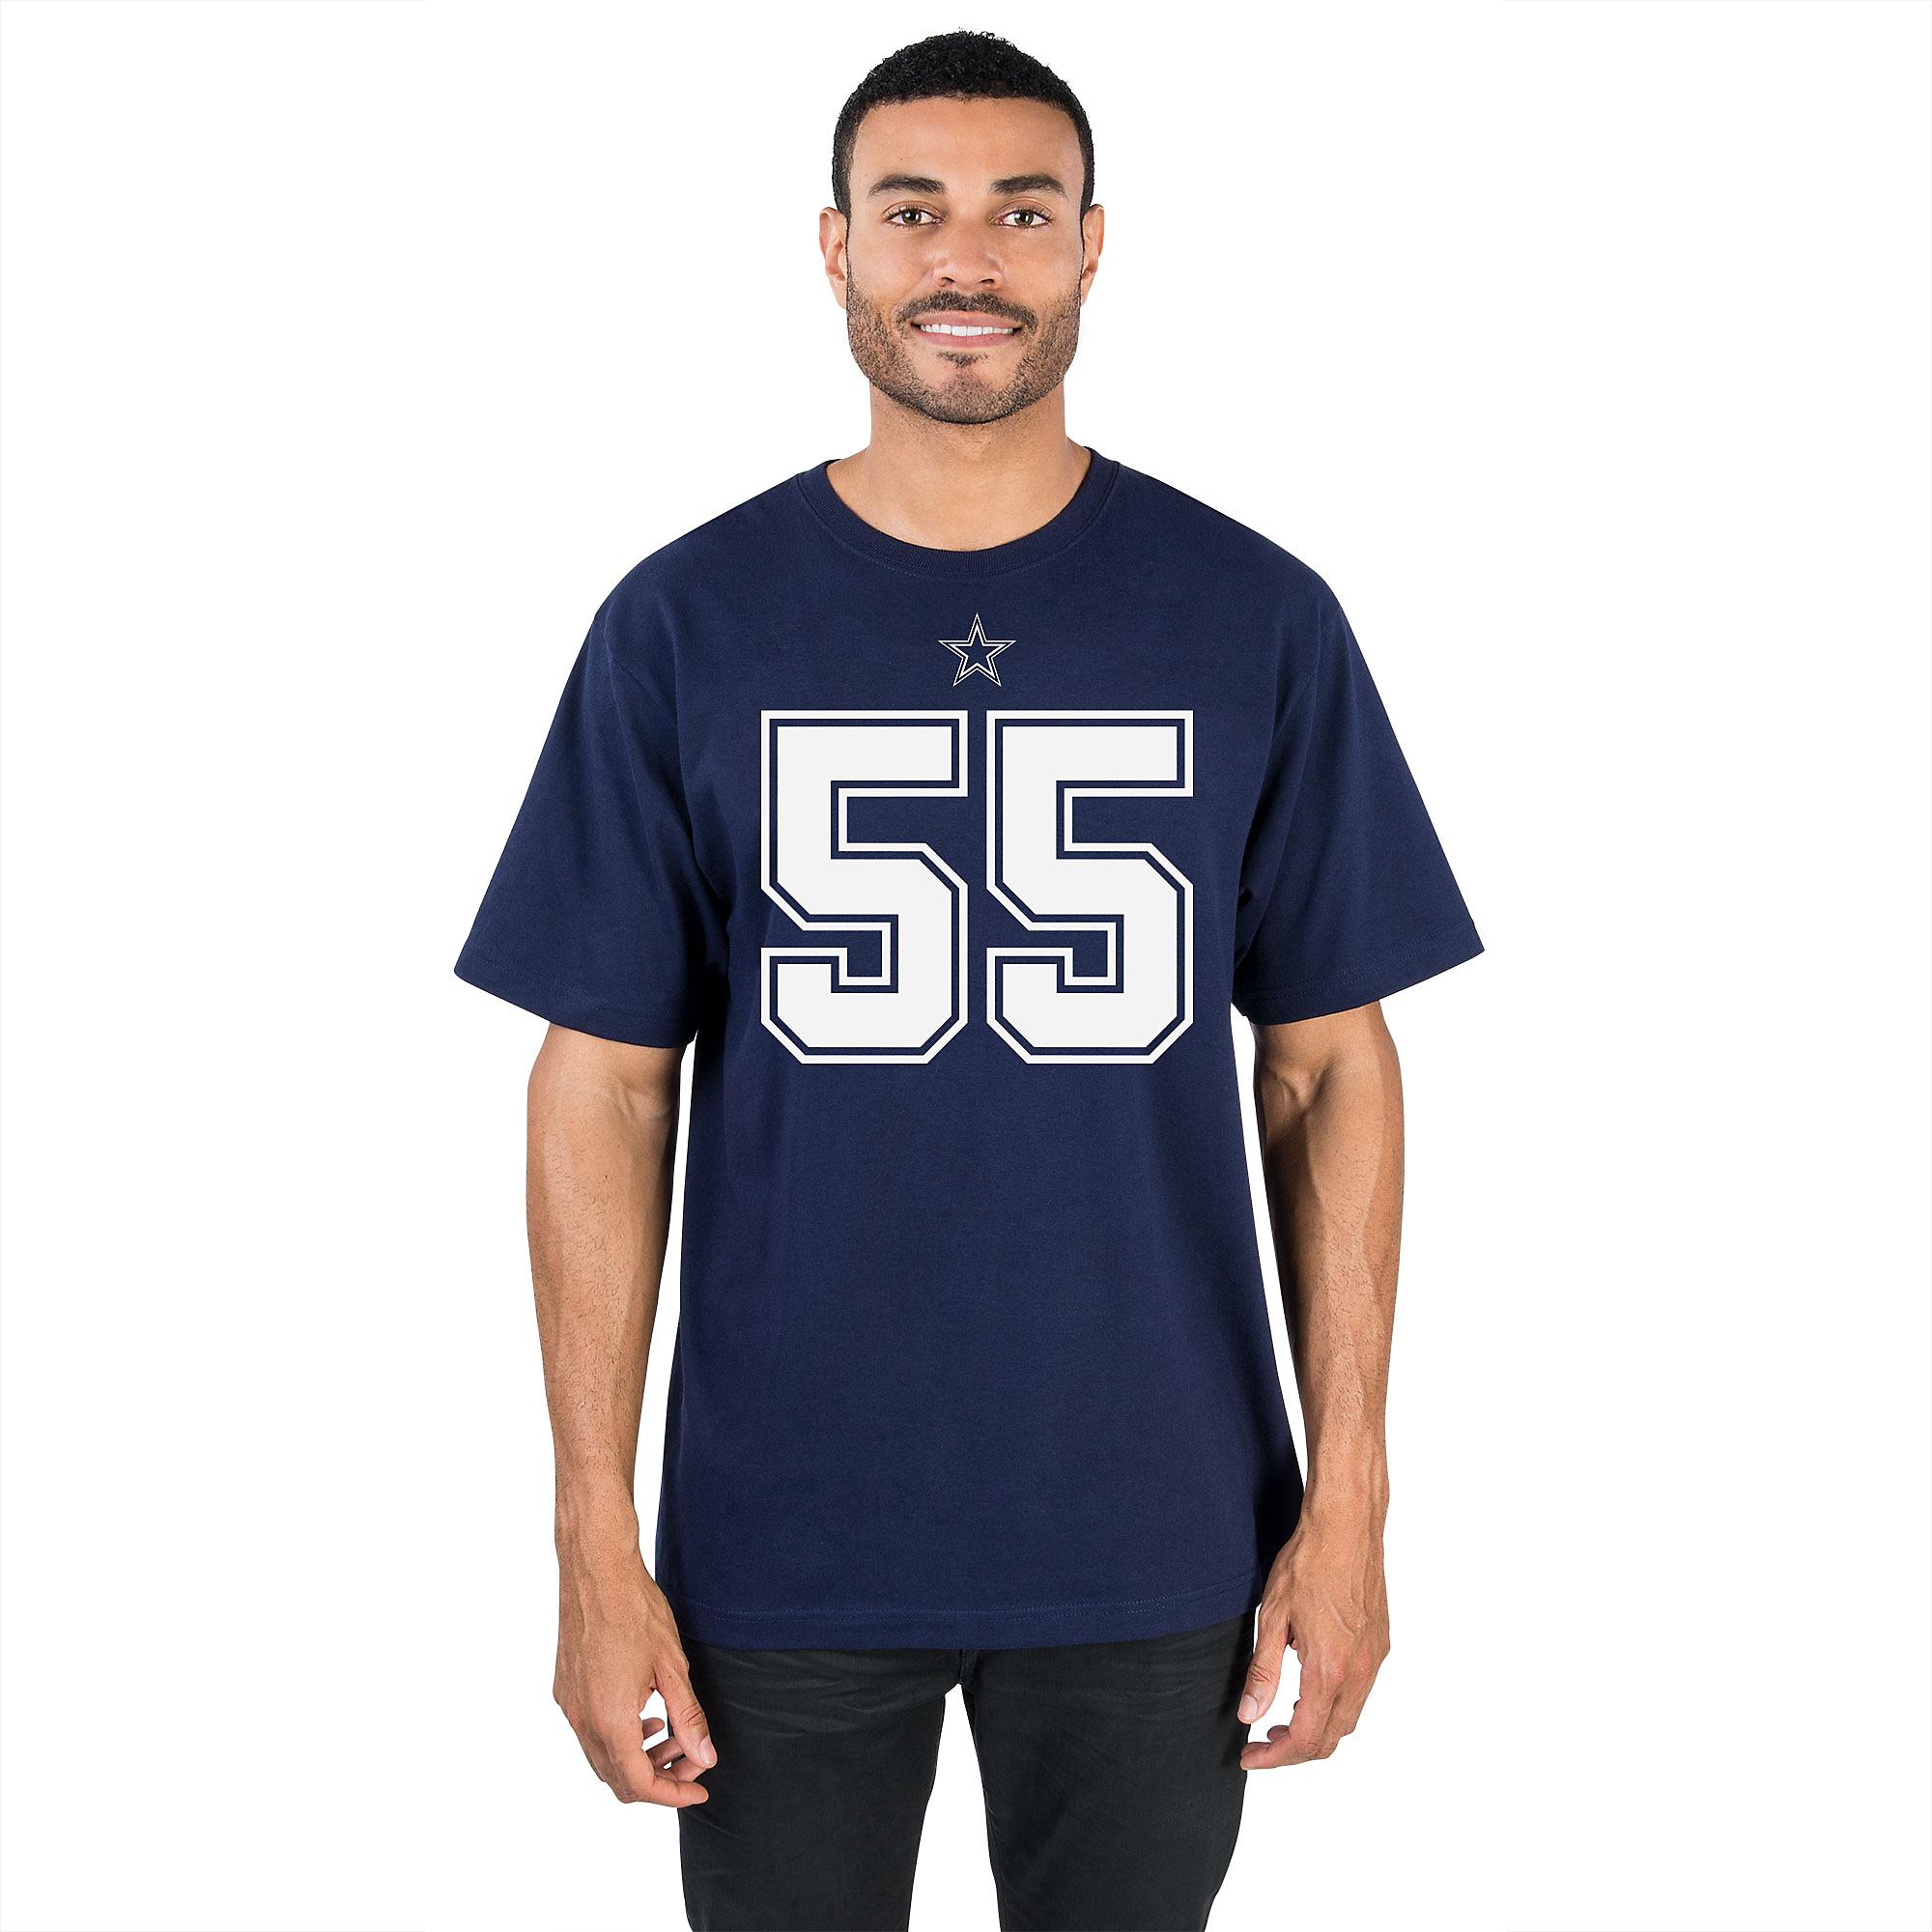 purchase cheap 9e12c 41ef2 Dallas Cowboys Leighton Vander Esch #55 Authentic Name ...